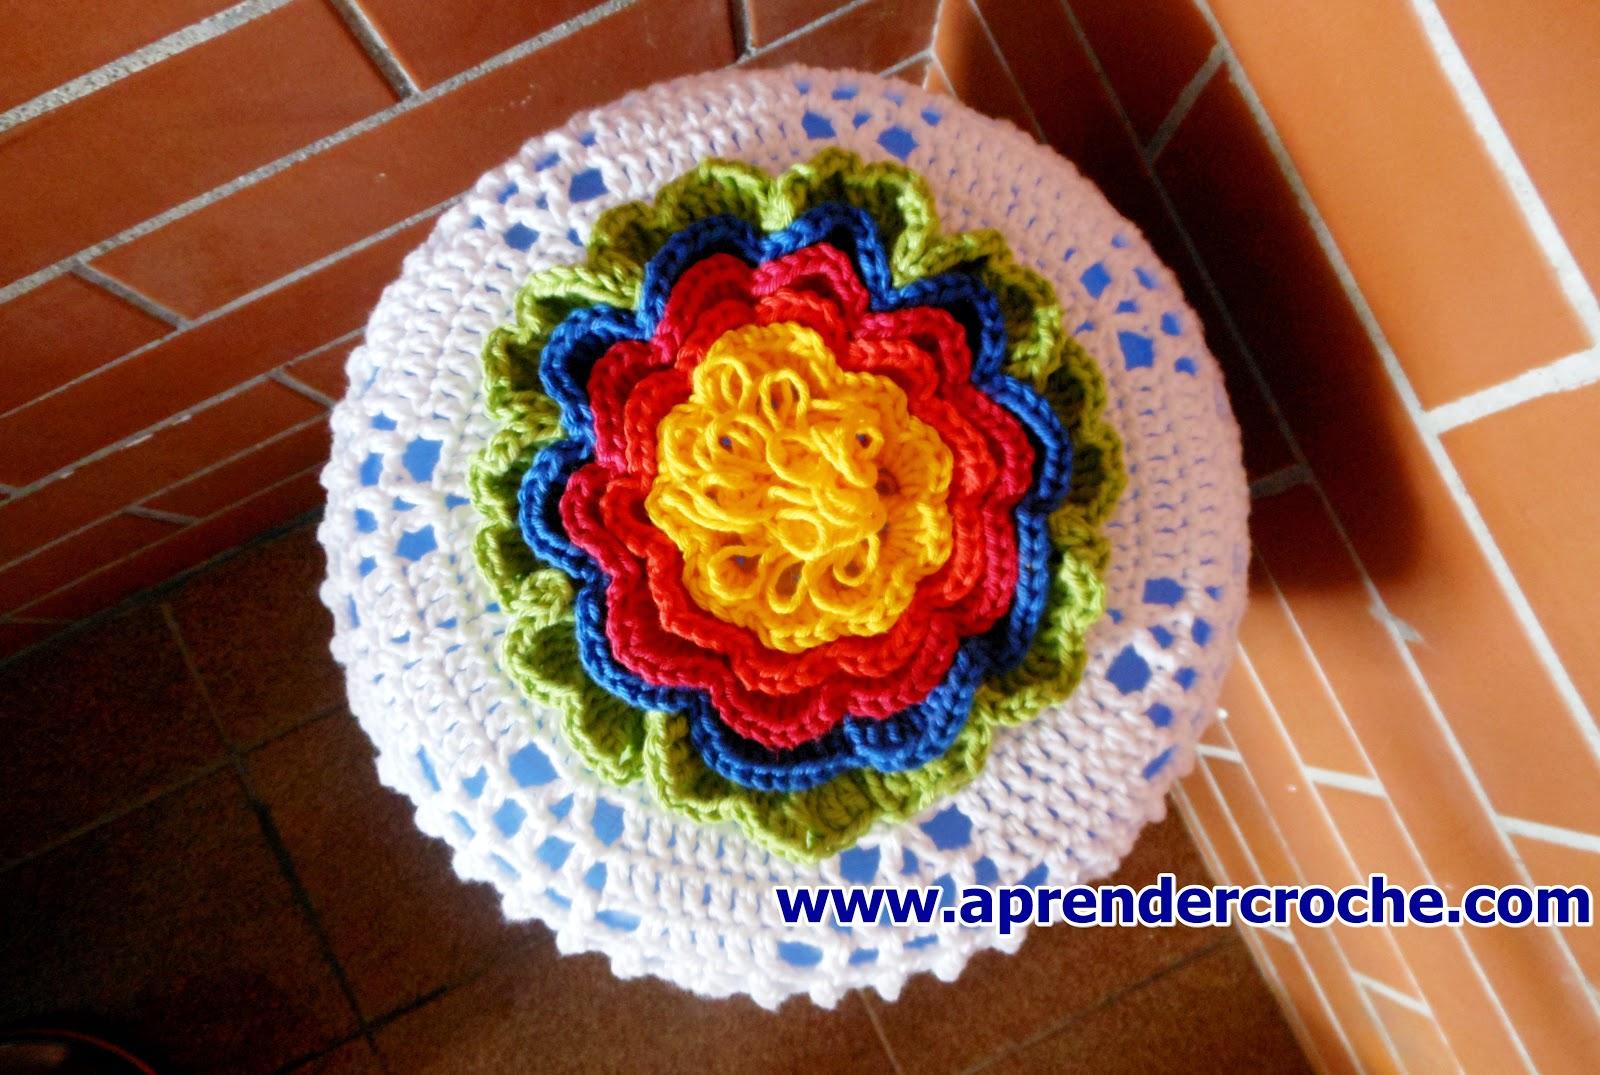 Como fazer essa linda capa de crochê para galão d'água com edinir croche